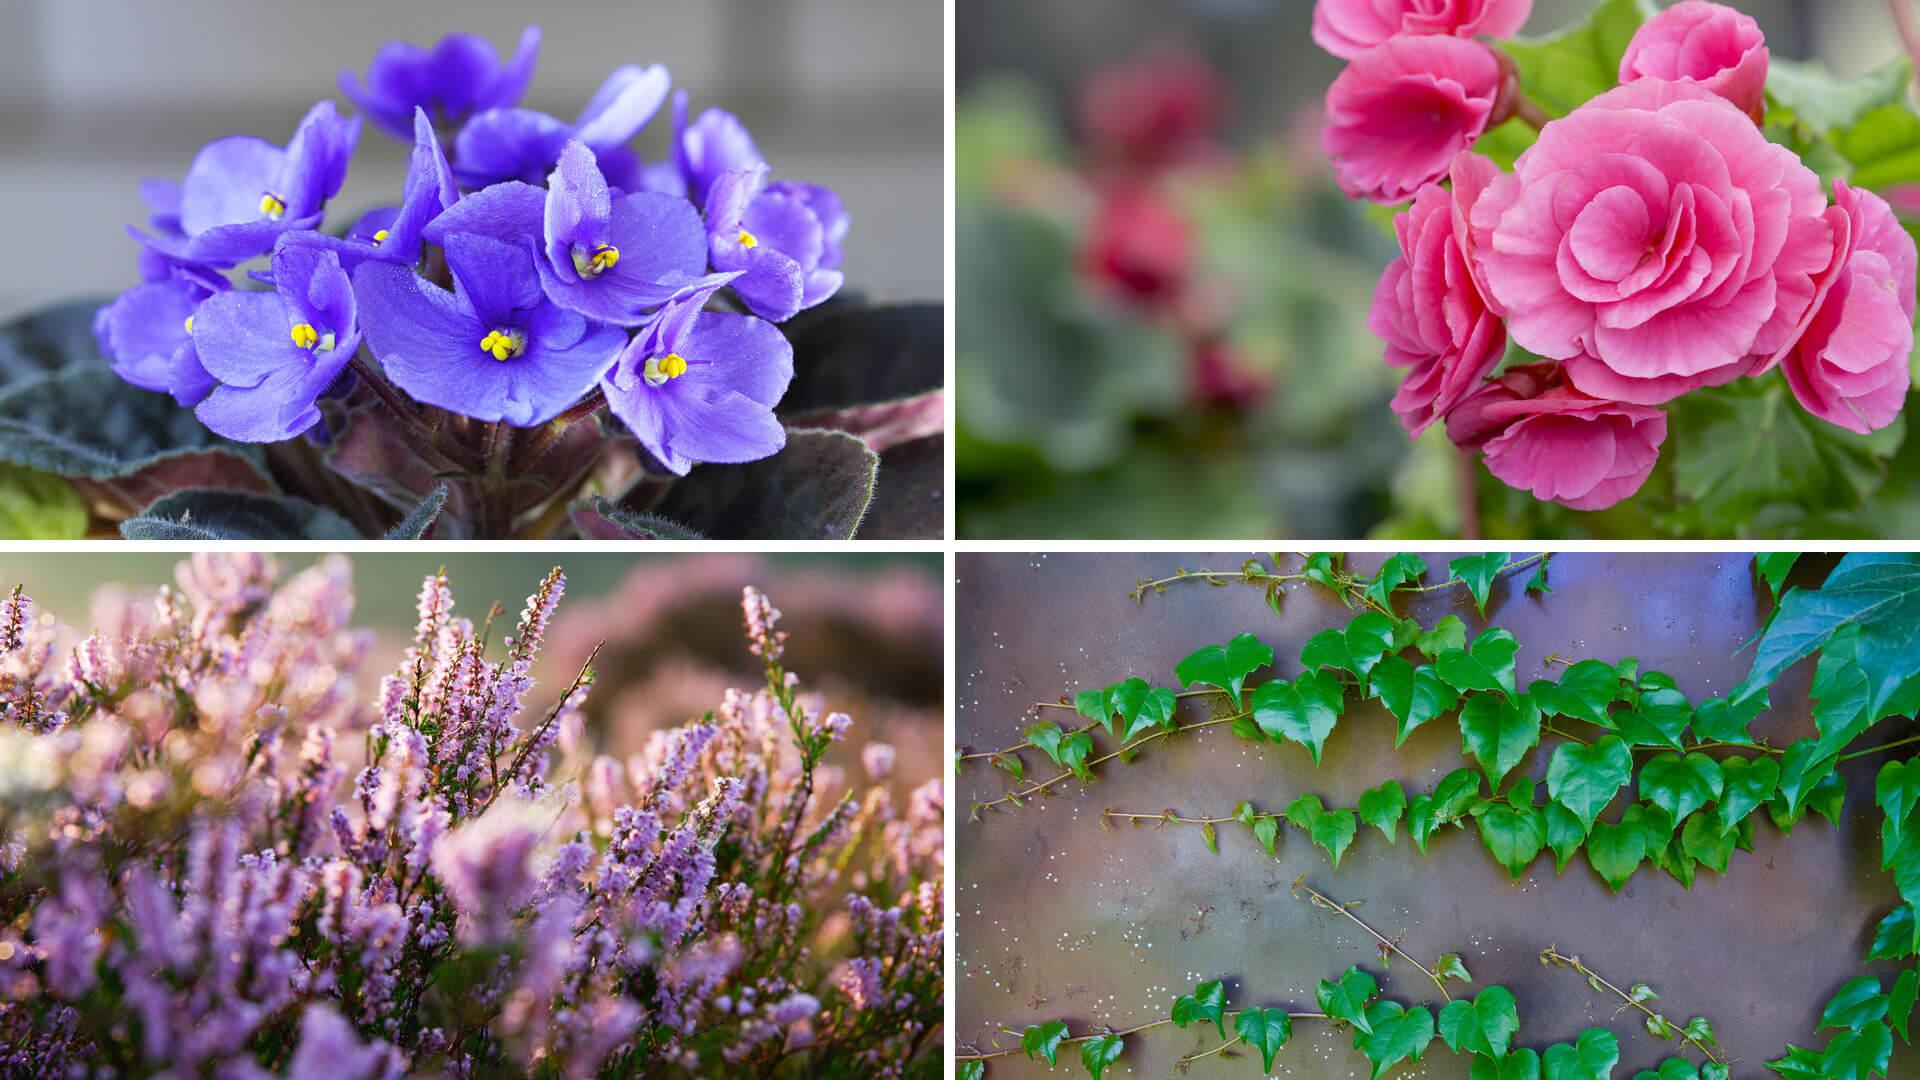 Piante Che Fioriscono Tutta Estate terrazzo fiorito tutto l'anno | blog oknoplast